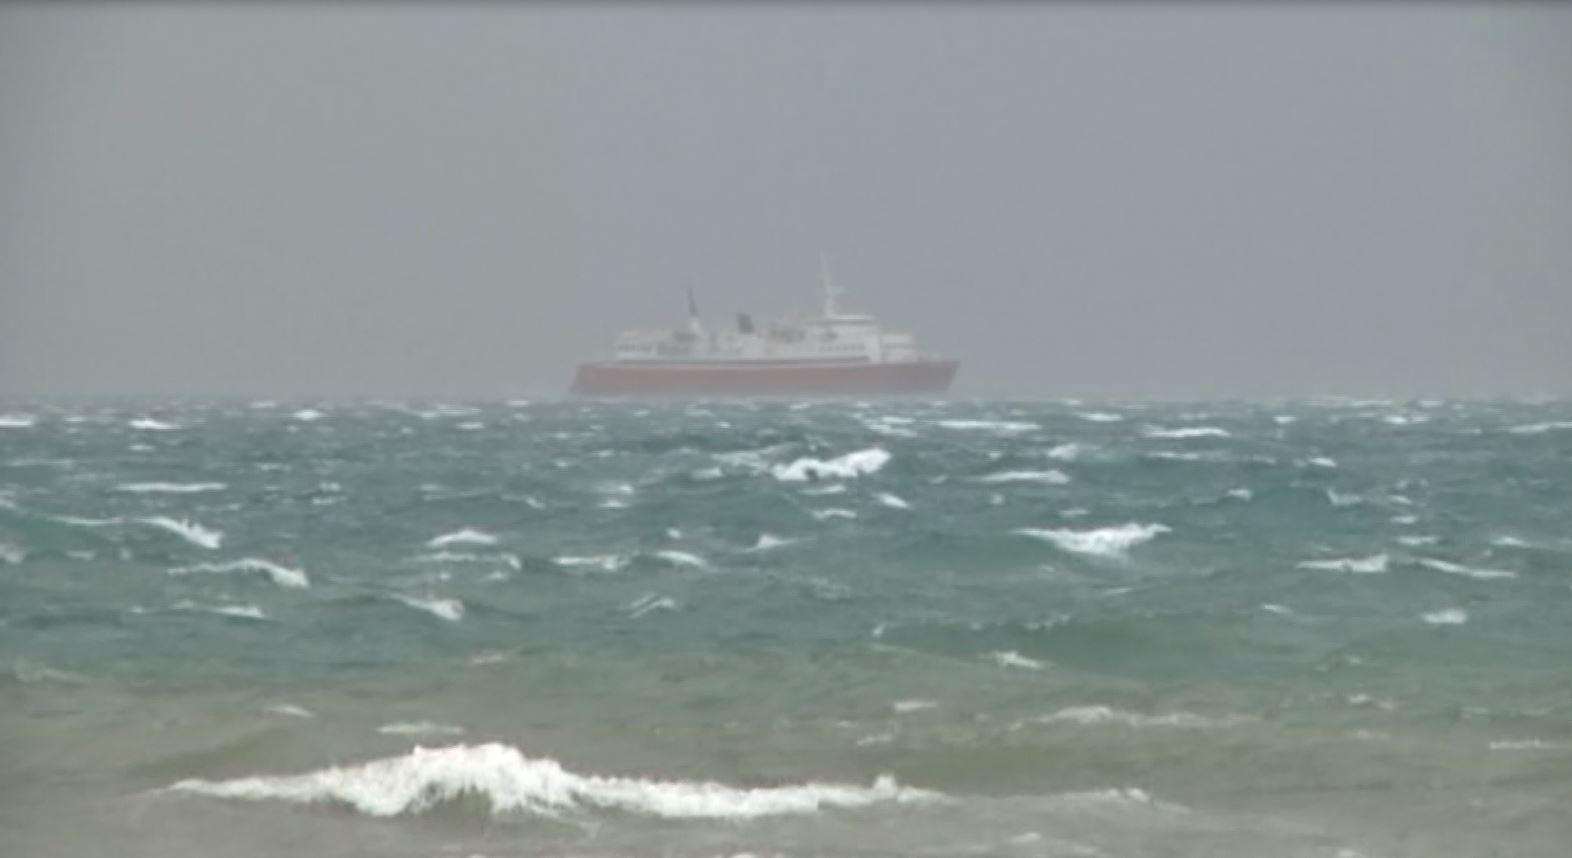 Pezullohen disa nga lundrimet Durrës-Bari, shkak moti i keq